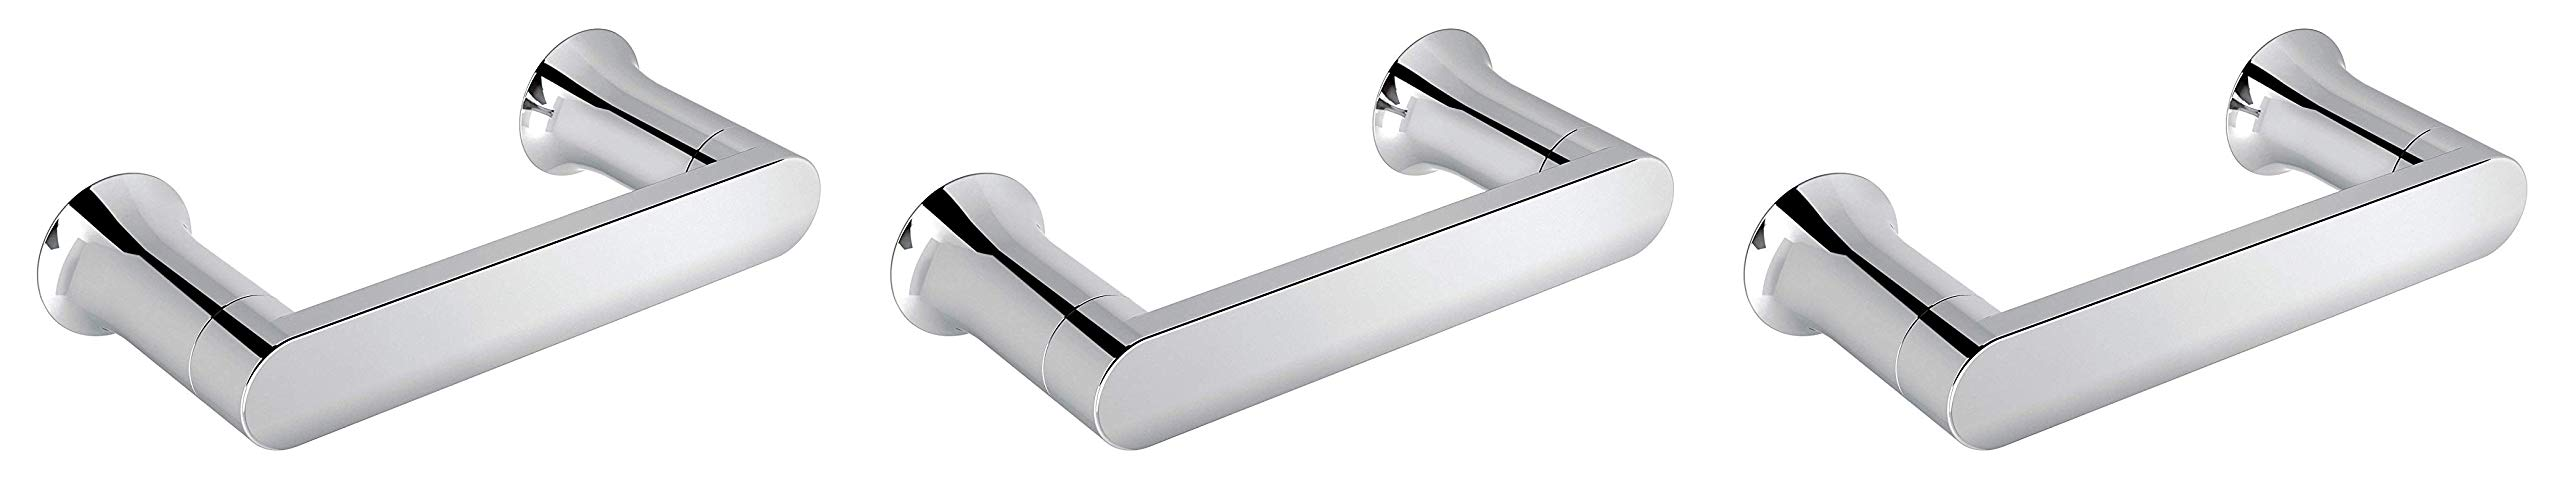 Moen BH3808CH Genta Pivoting Toilet Paper Holder, Chrome (Тhrее Расk)